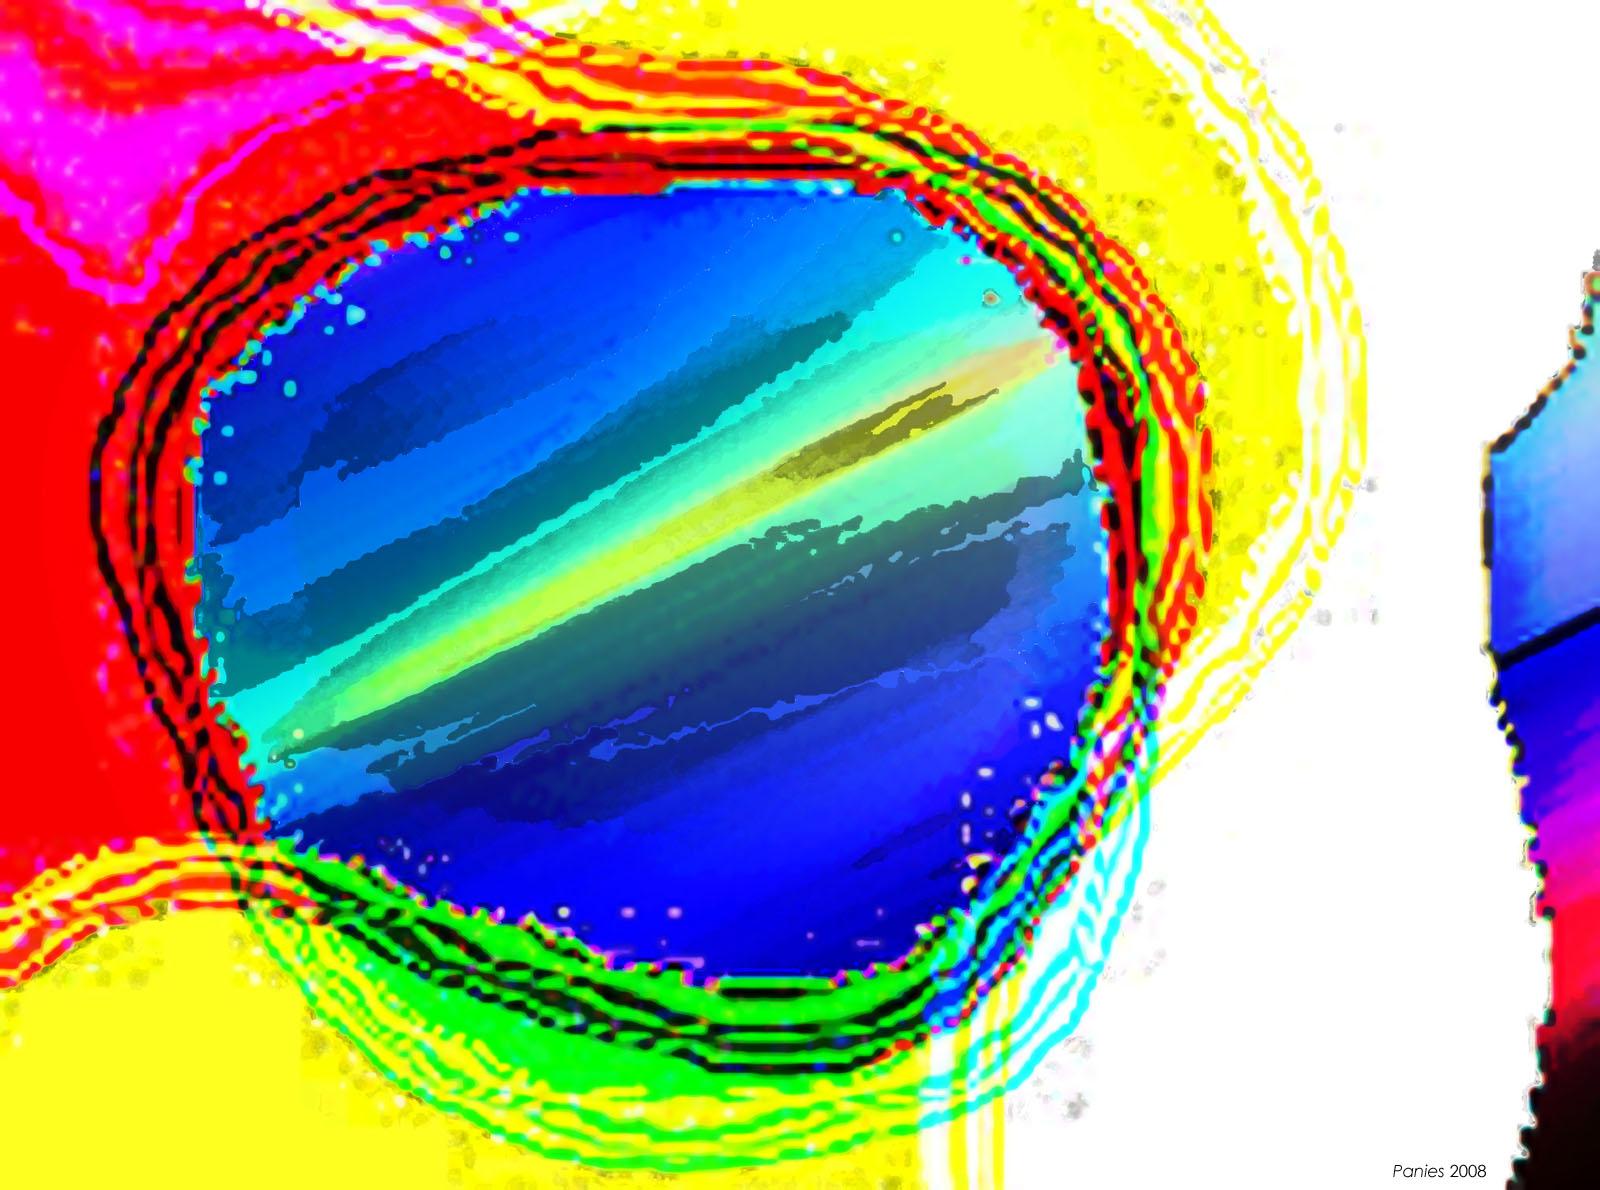 panies-danielvillalobos-art-digital-abstract-12